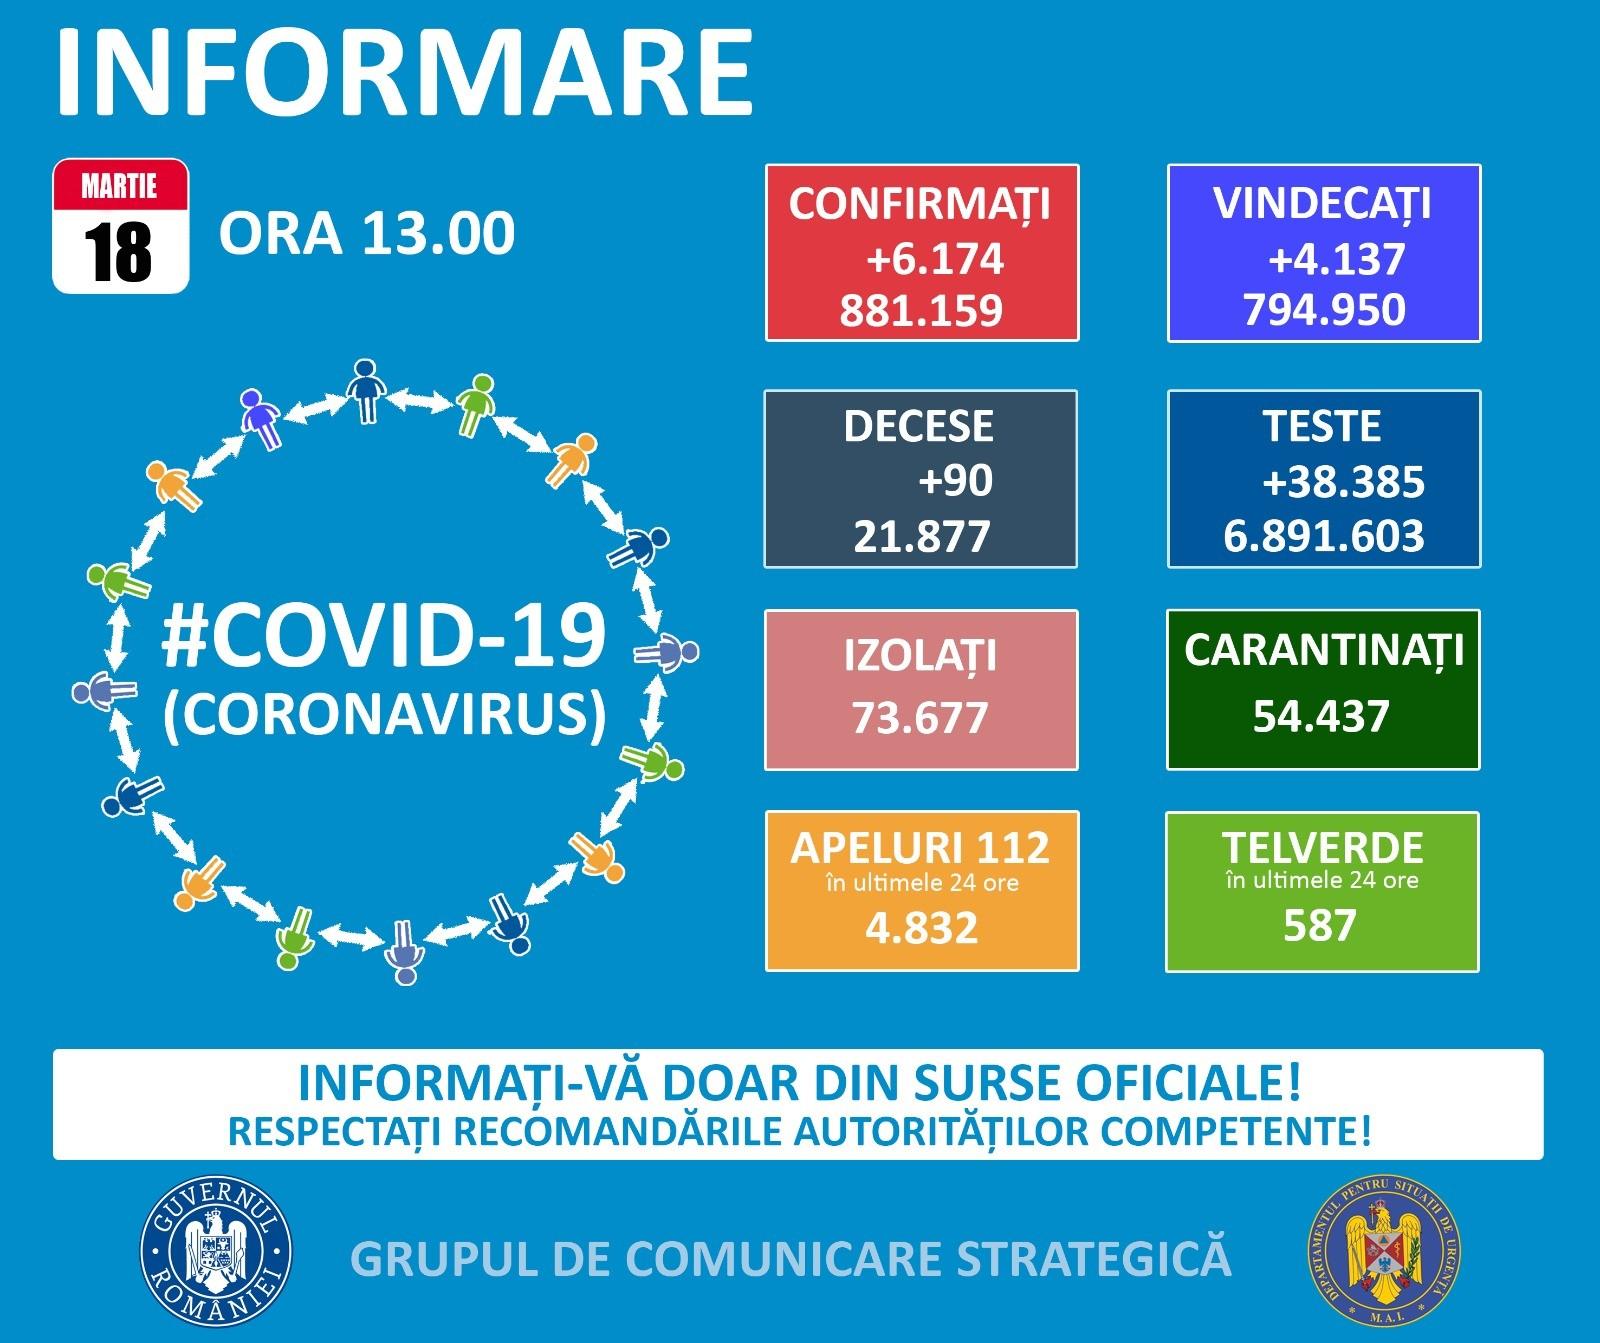 881.159 cazuri de coronavirus pe teritoriul României. 21.787 persoane au decedat